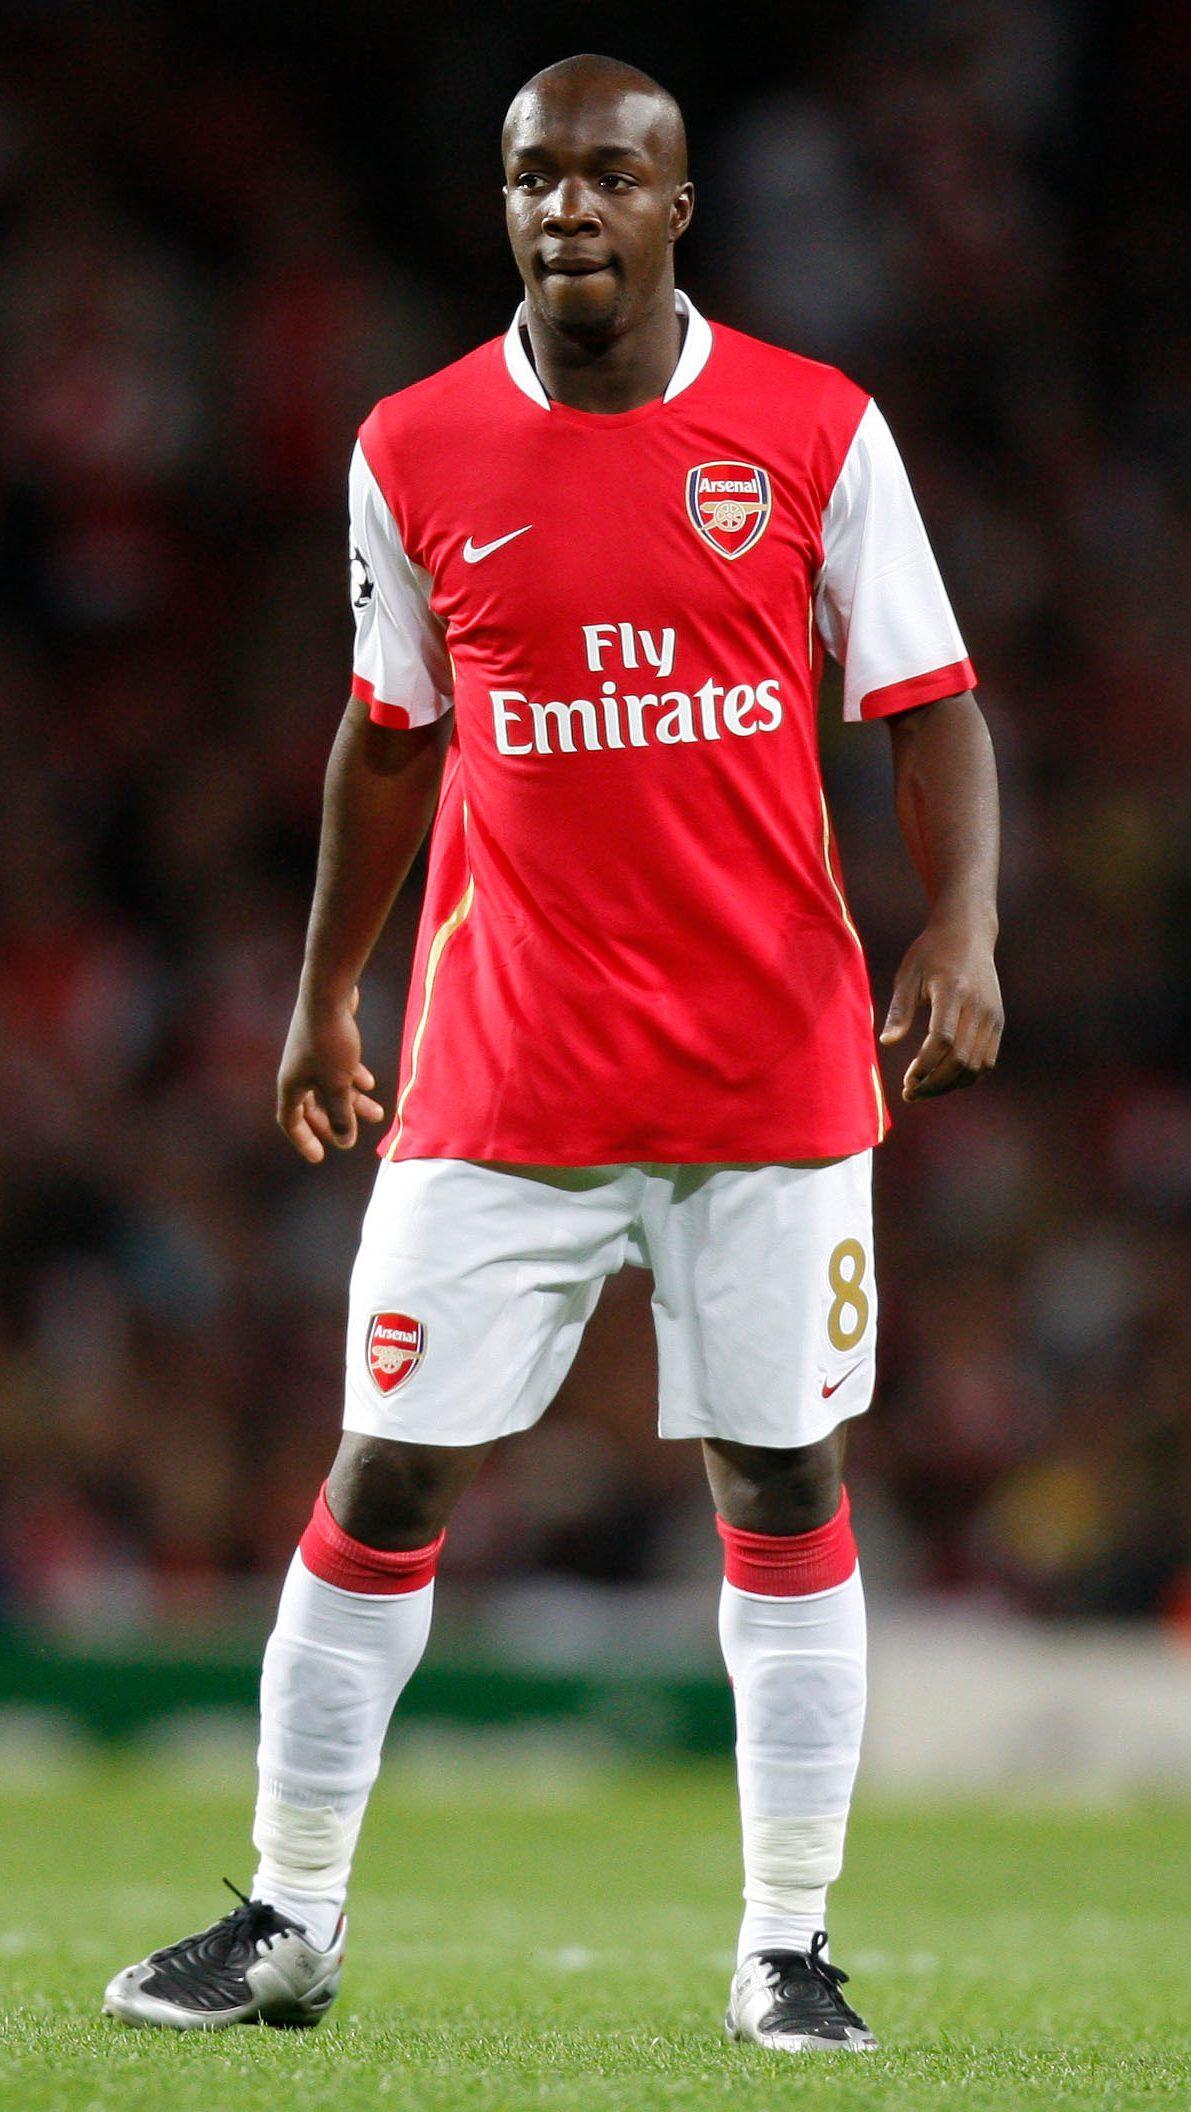 Những cầu thủ từng thất bại tại Arsenal nhưng toả sáng khi rời đi - Ảnh 4.